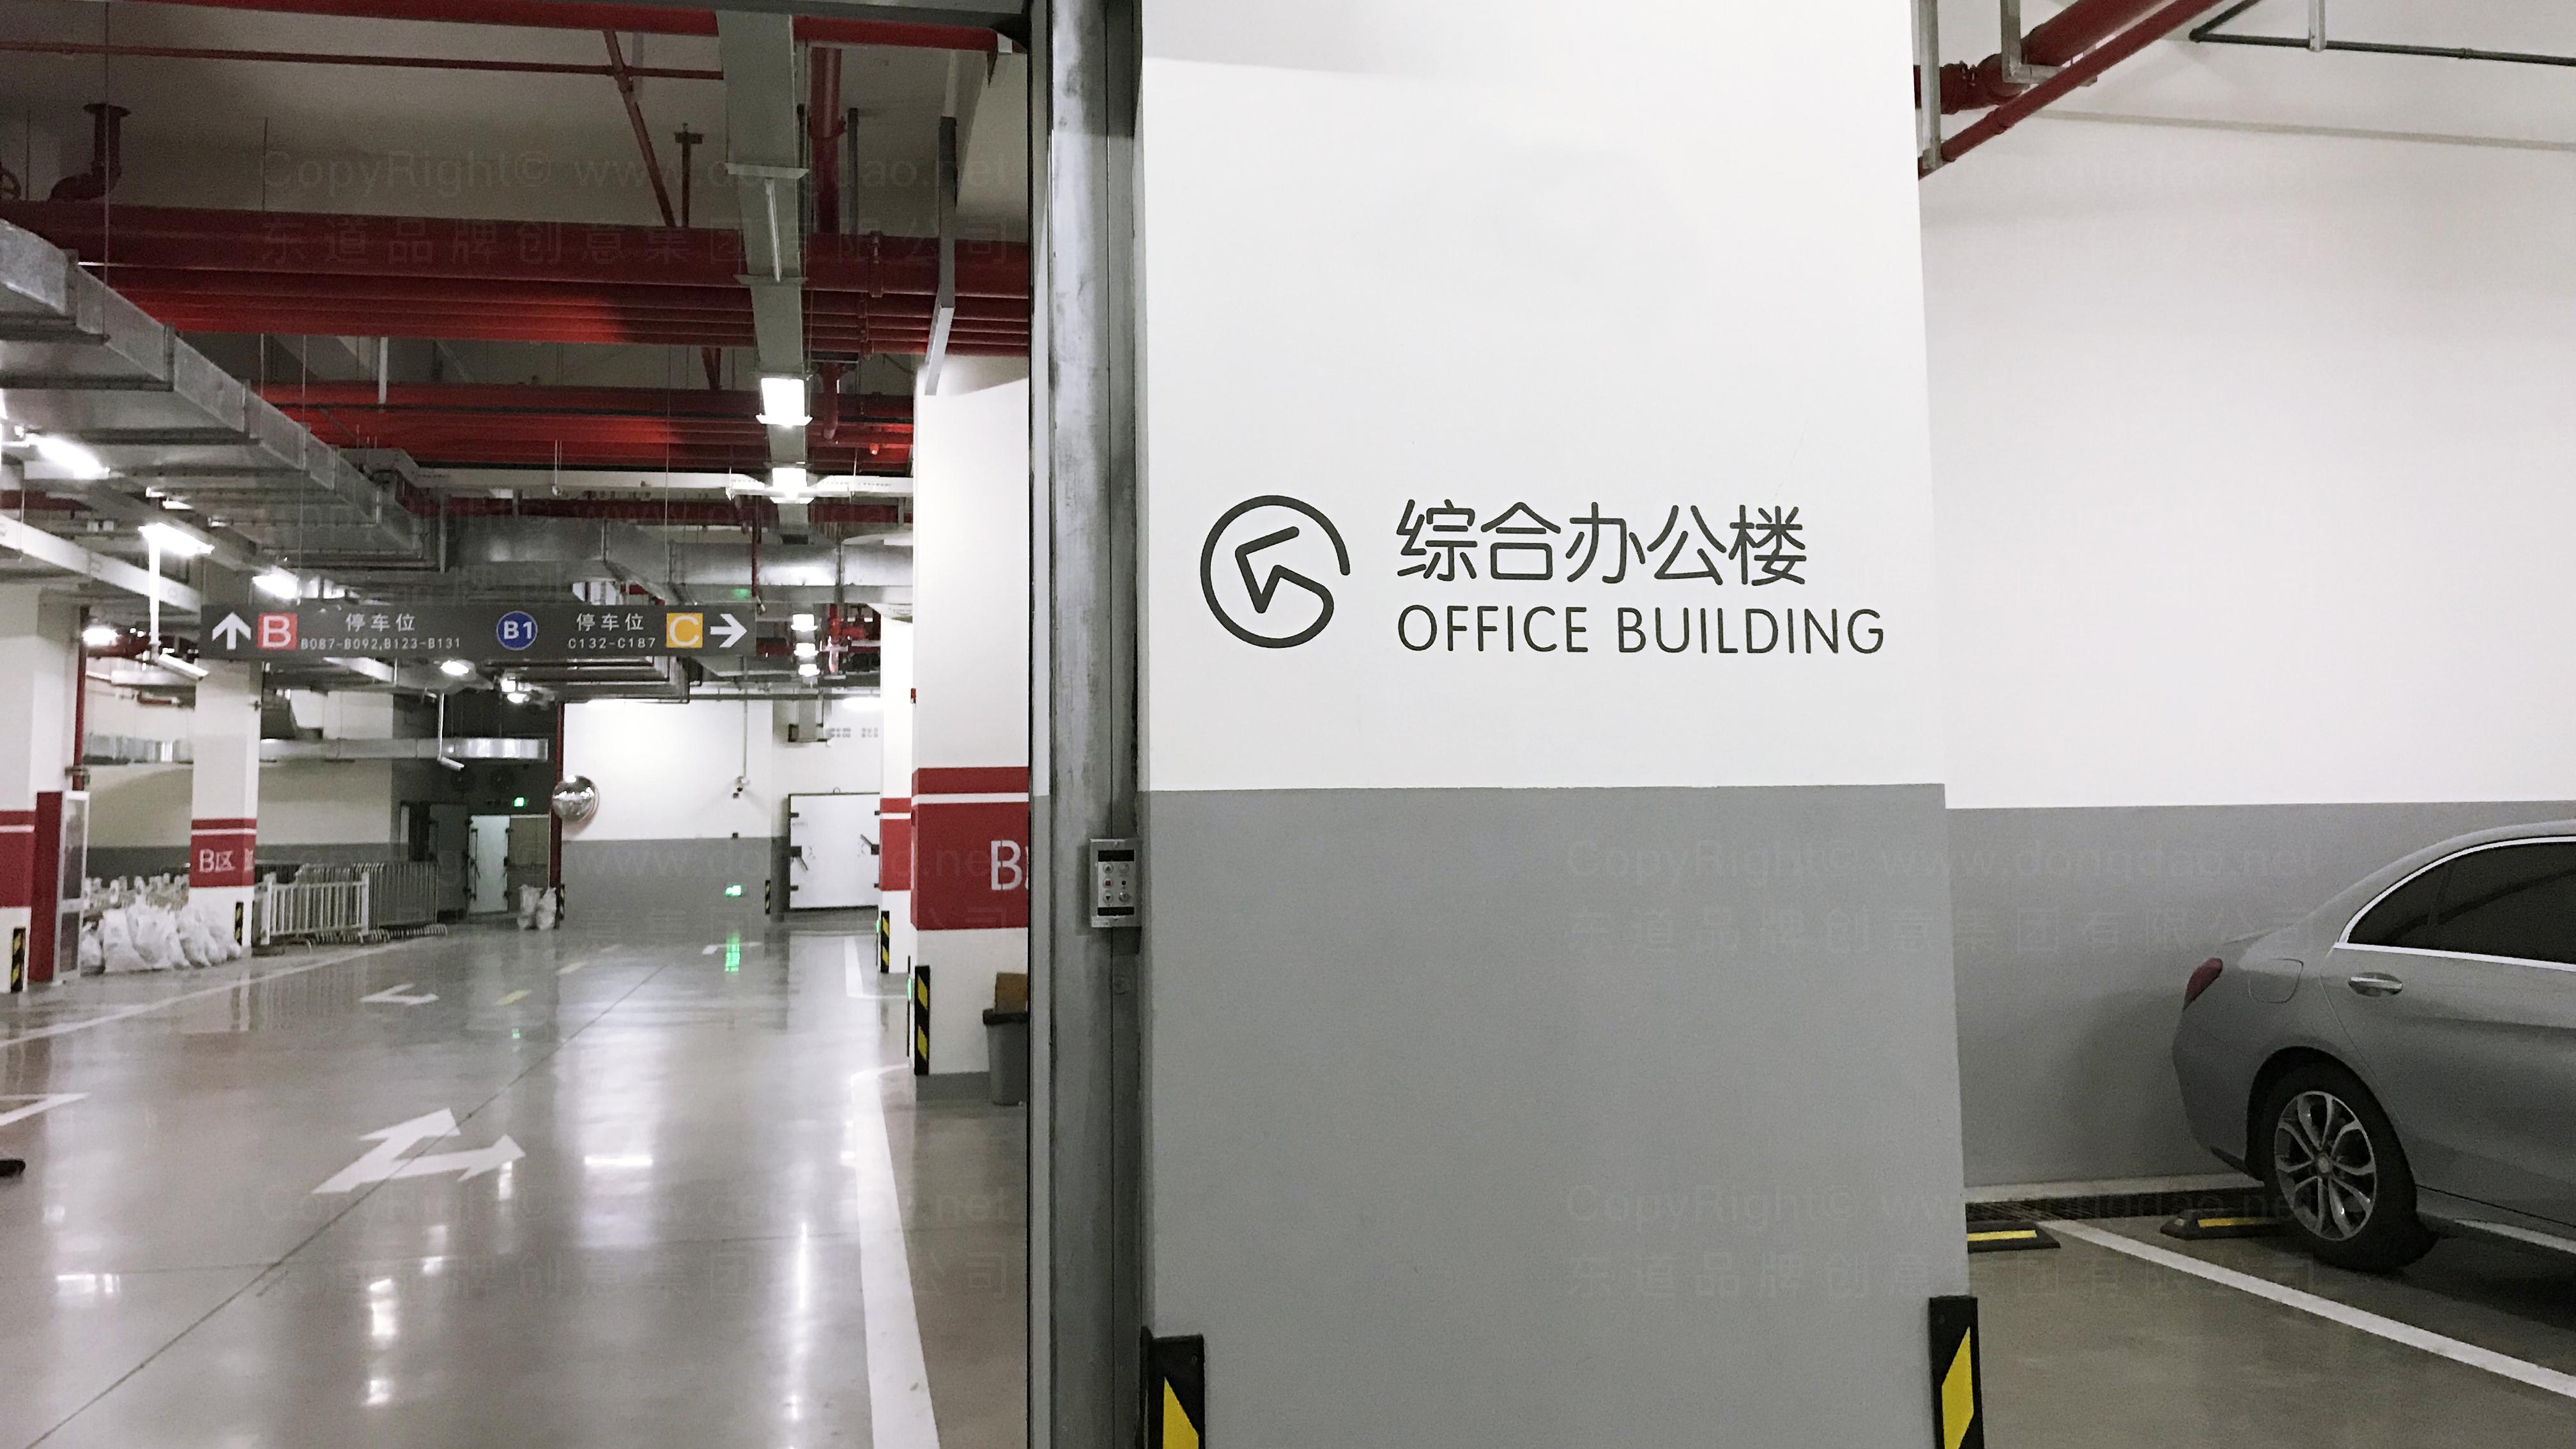 上海世博会标识工程设计应用场景_5